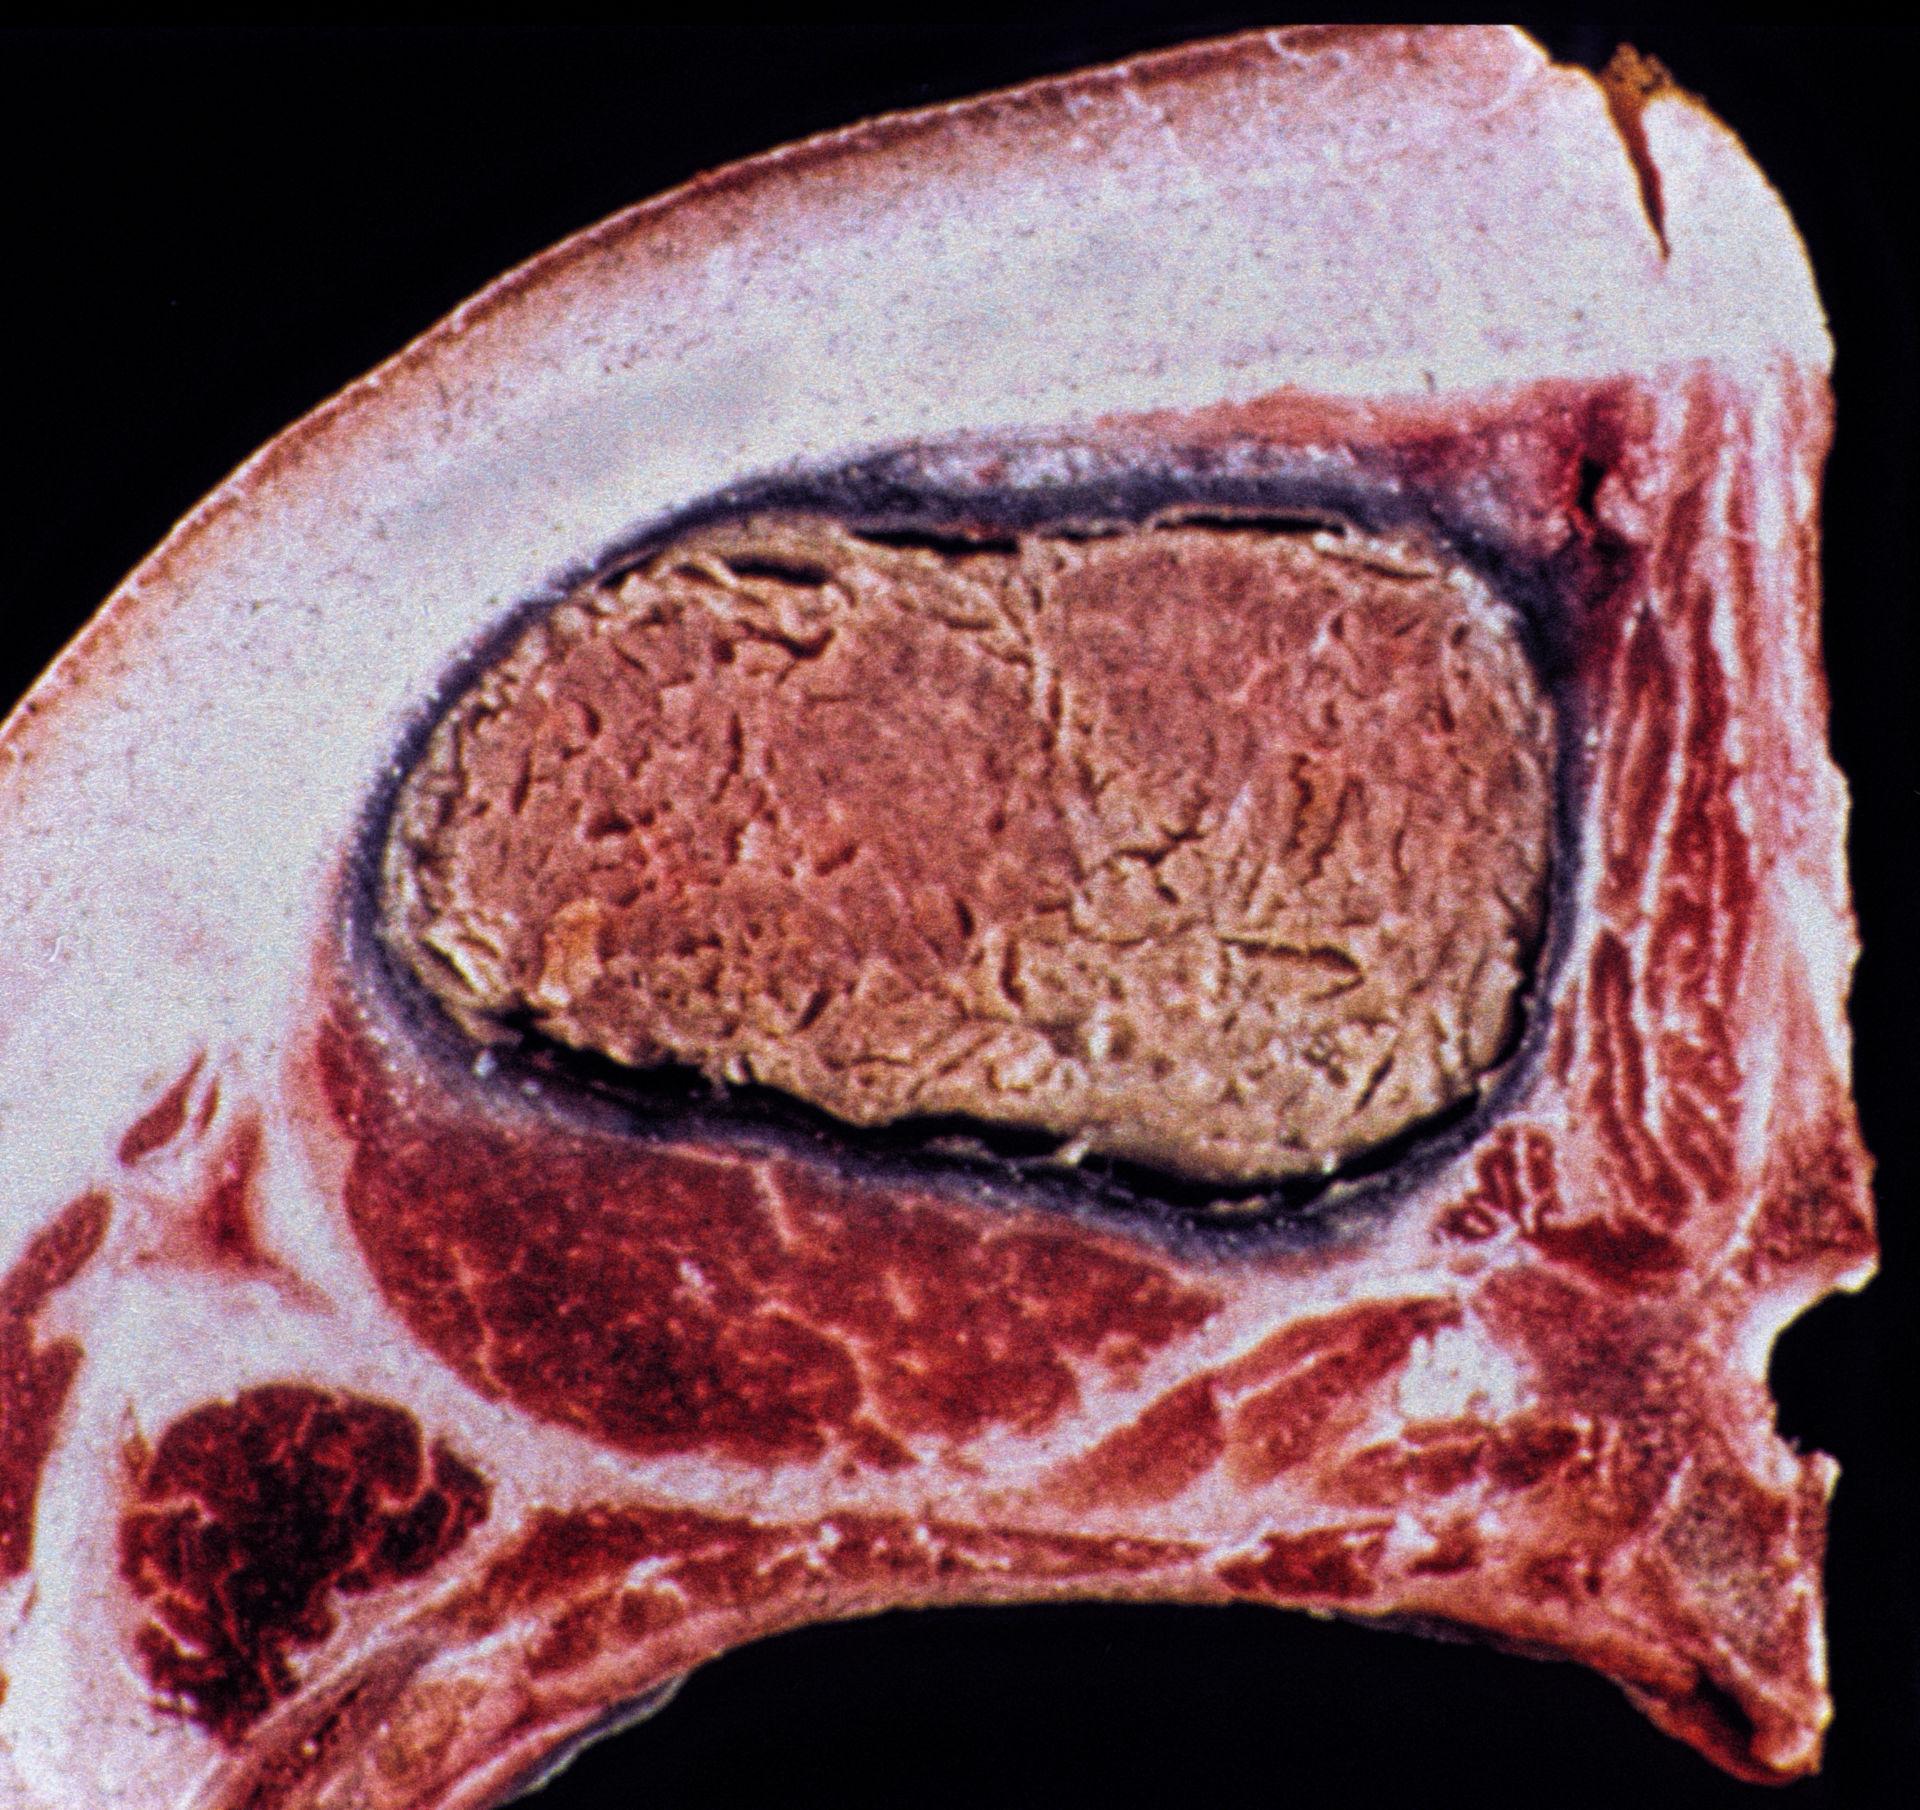 Necrosi del muscolo dorsale